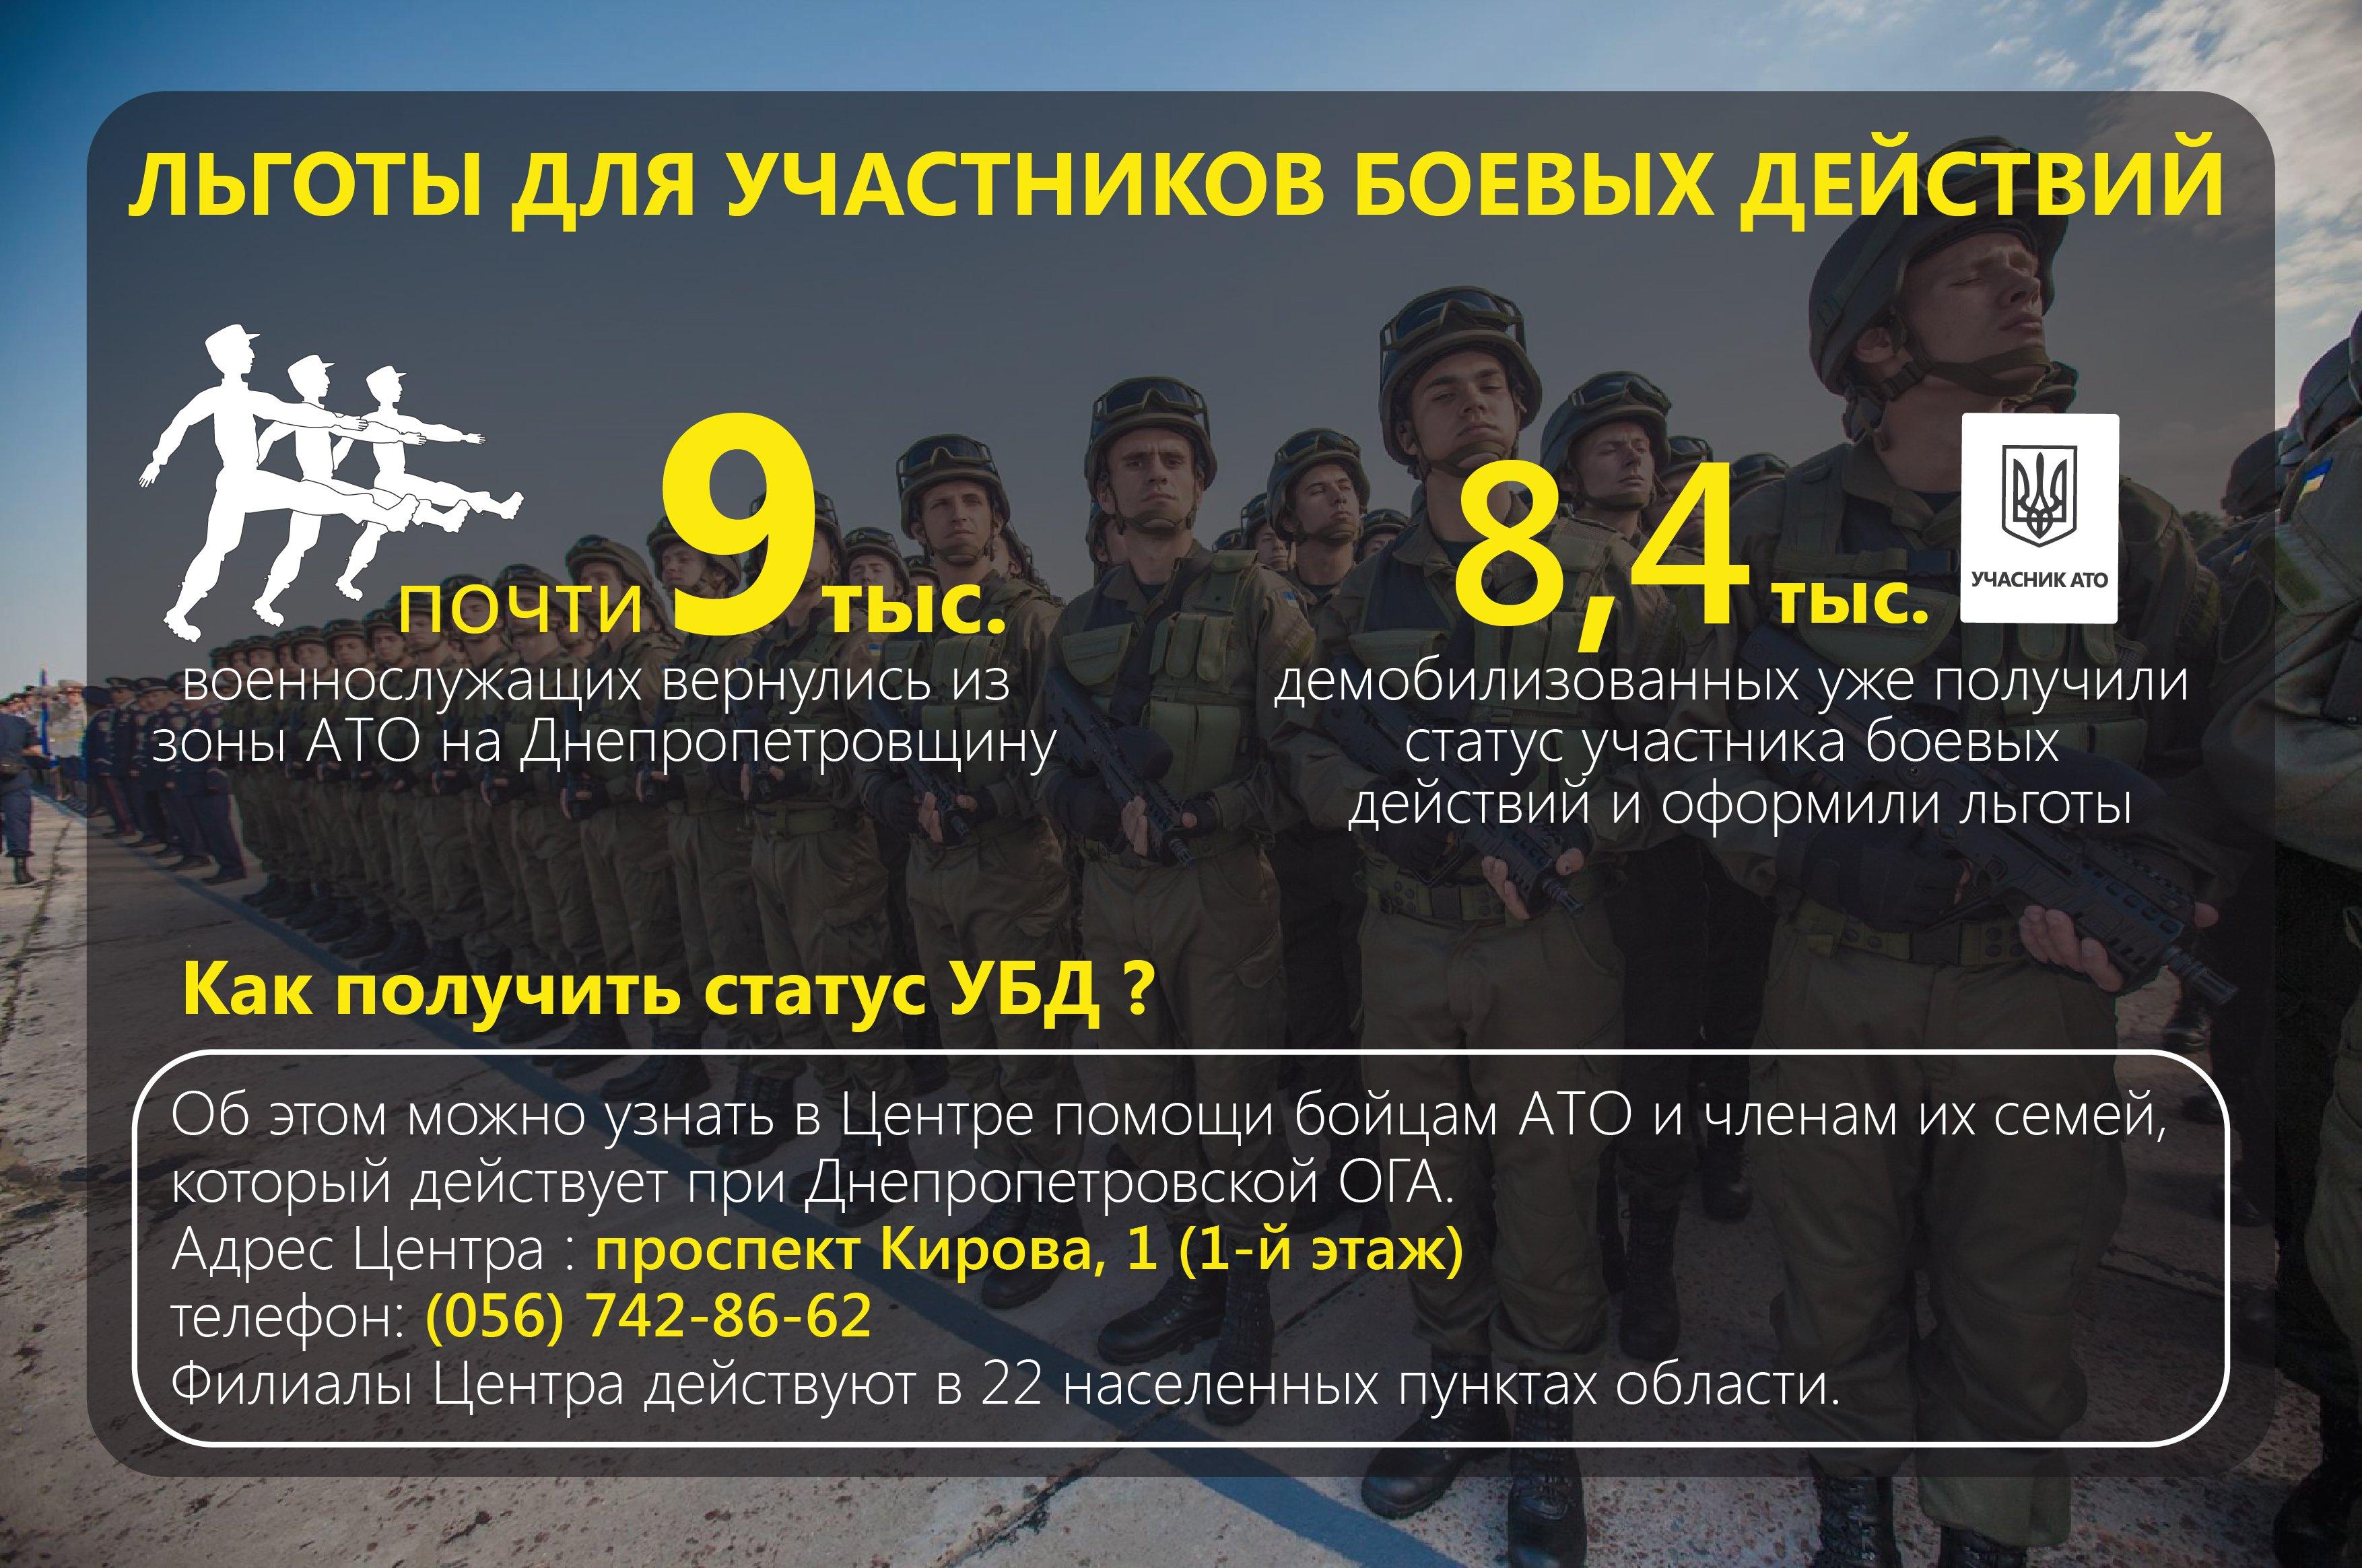 П_льги_УБД_рус-01-1